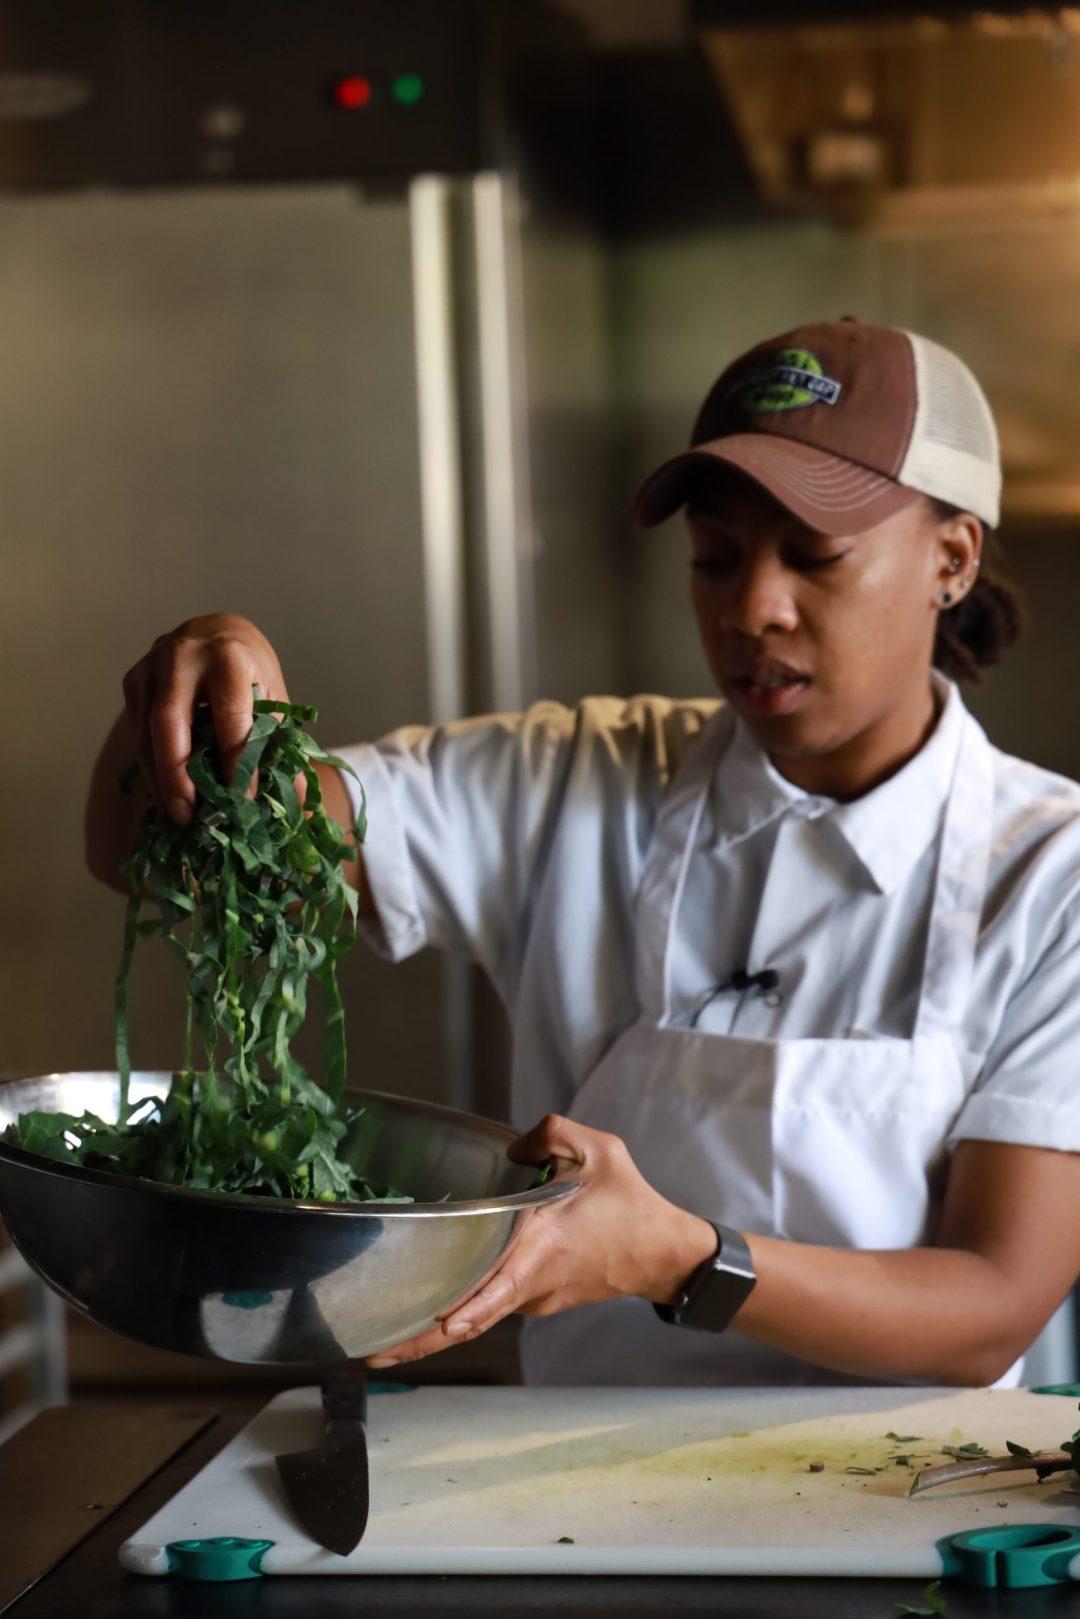 Chef Ashleigh Shanti prepares a collard salad